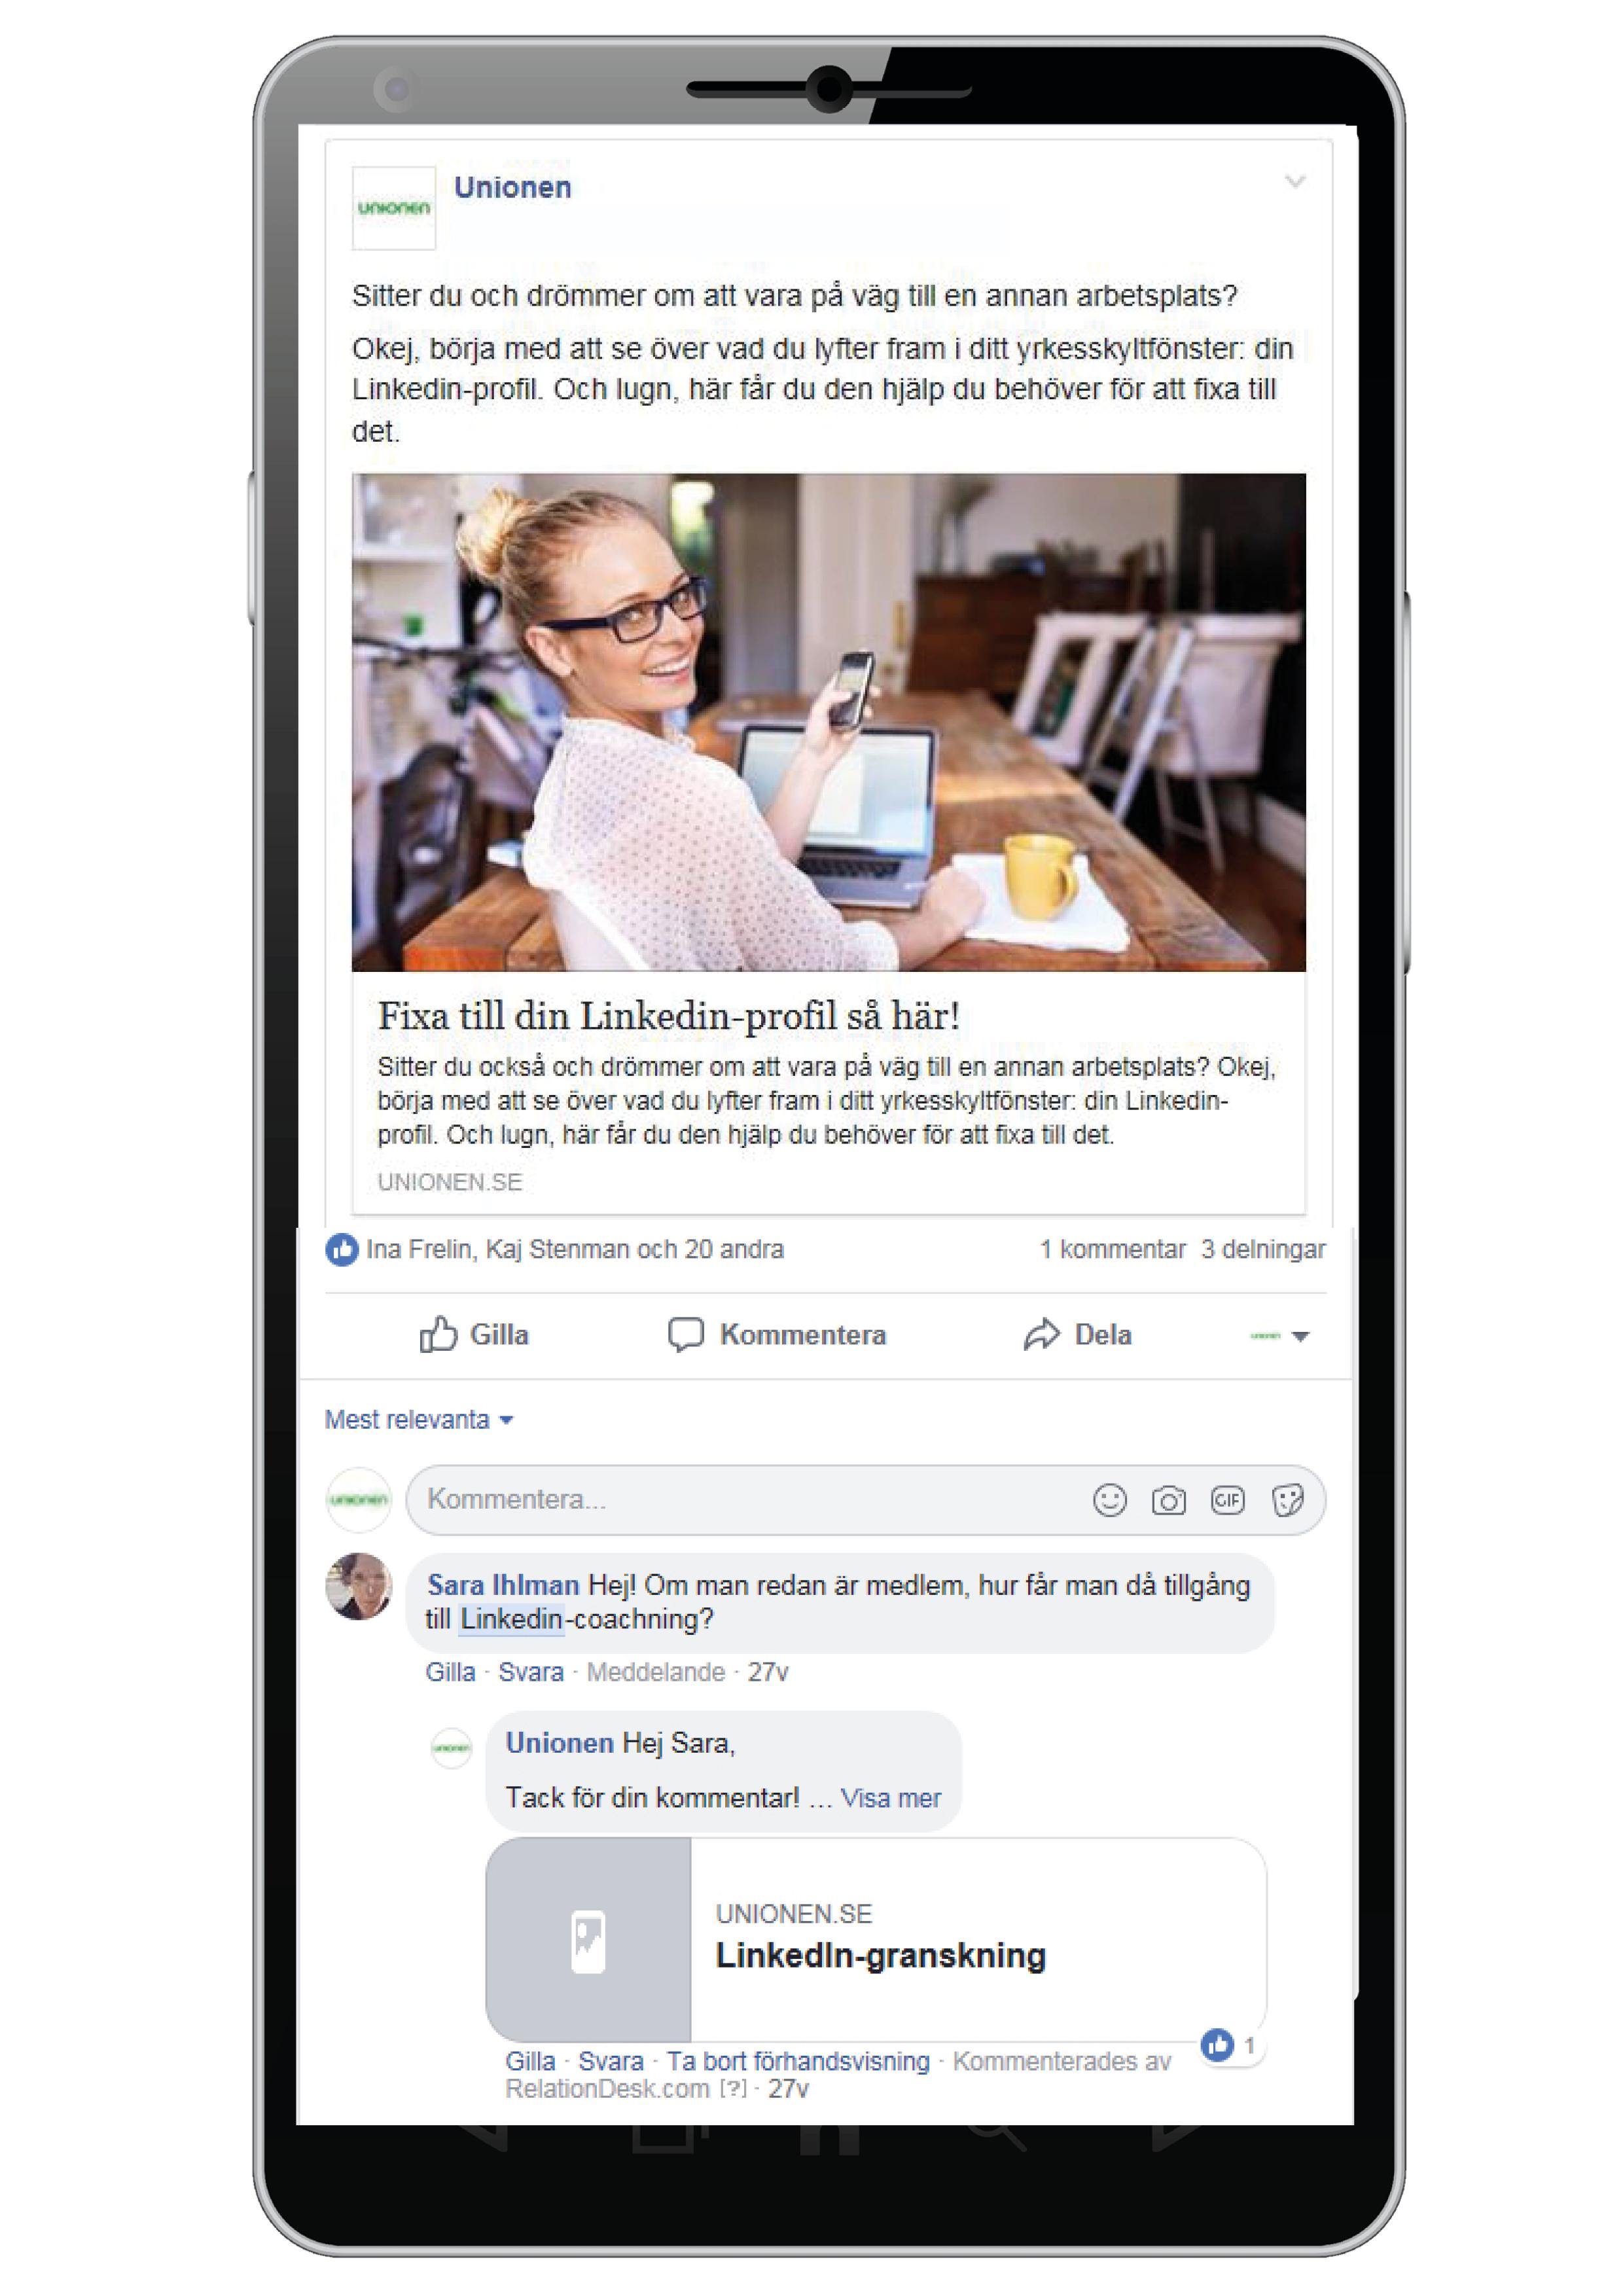 Artikel om Linkedin-granskning